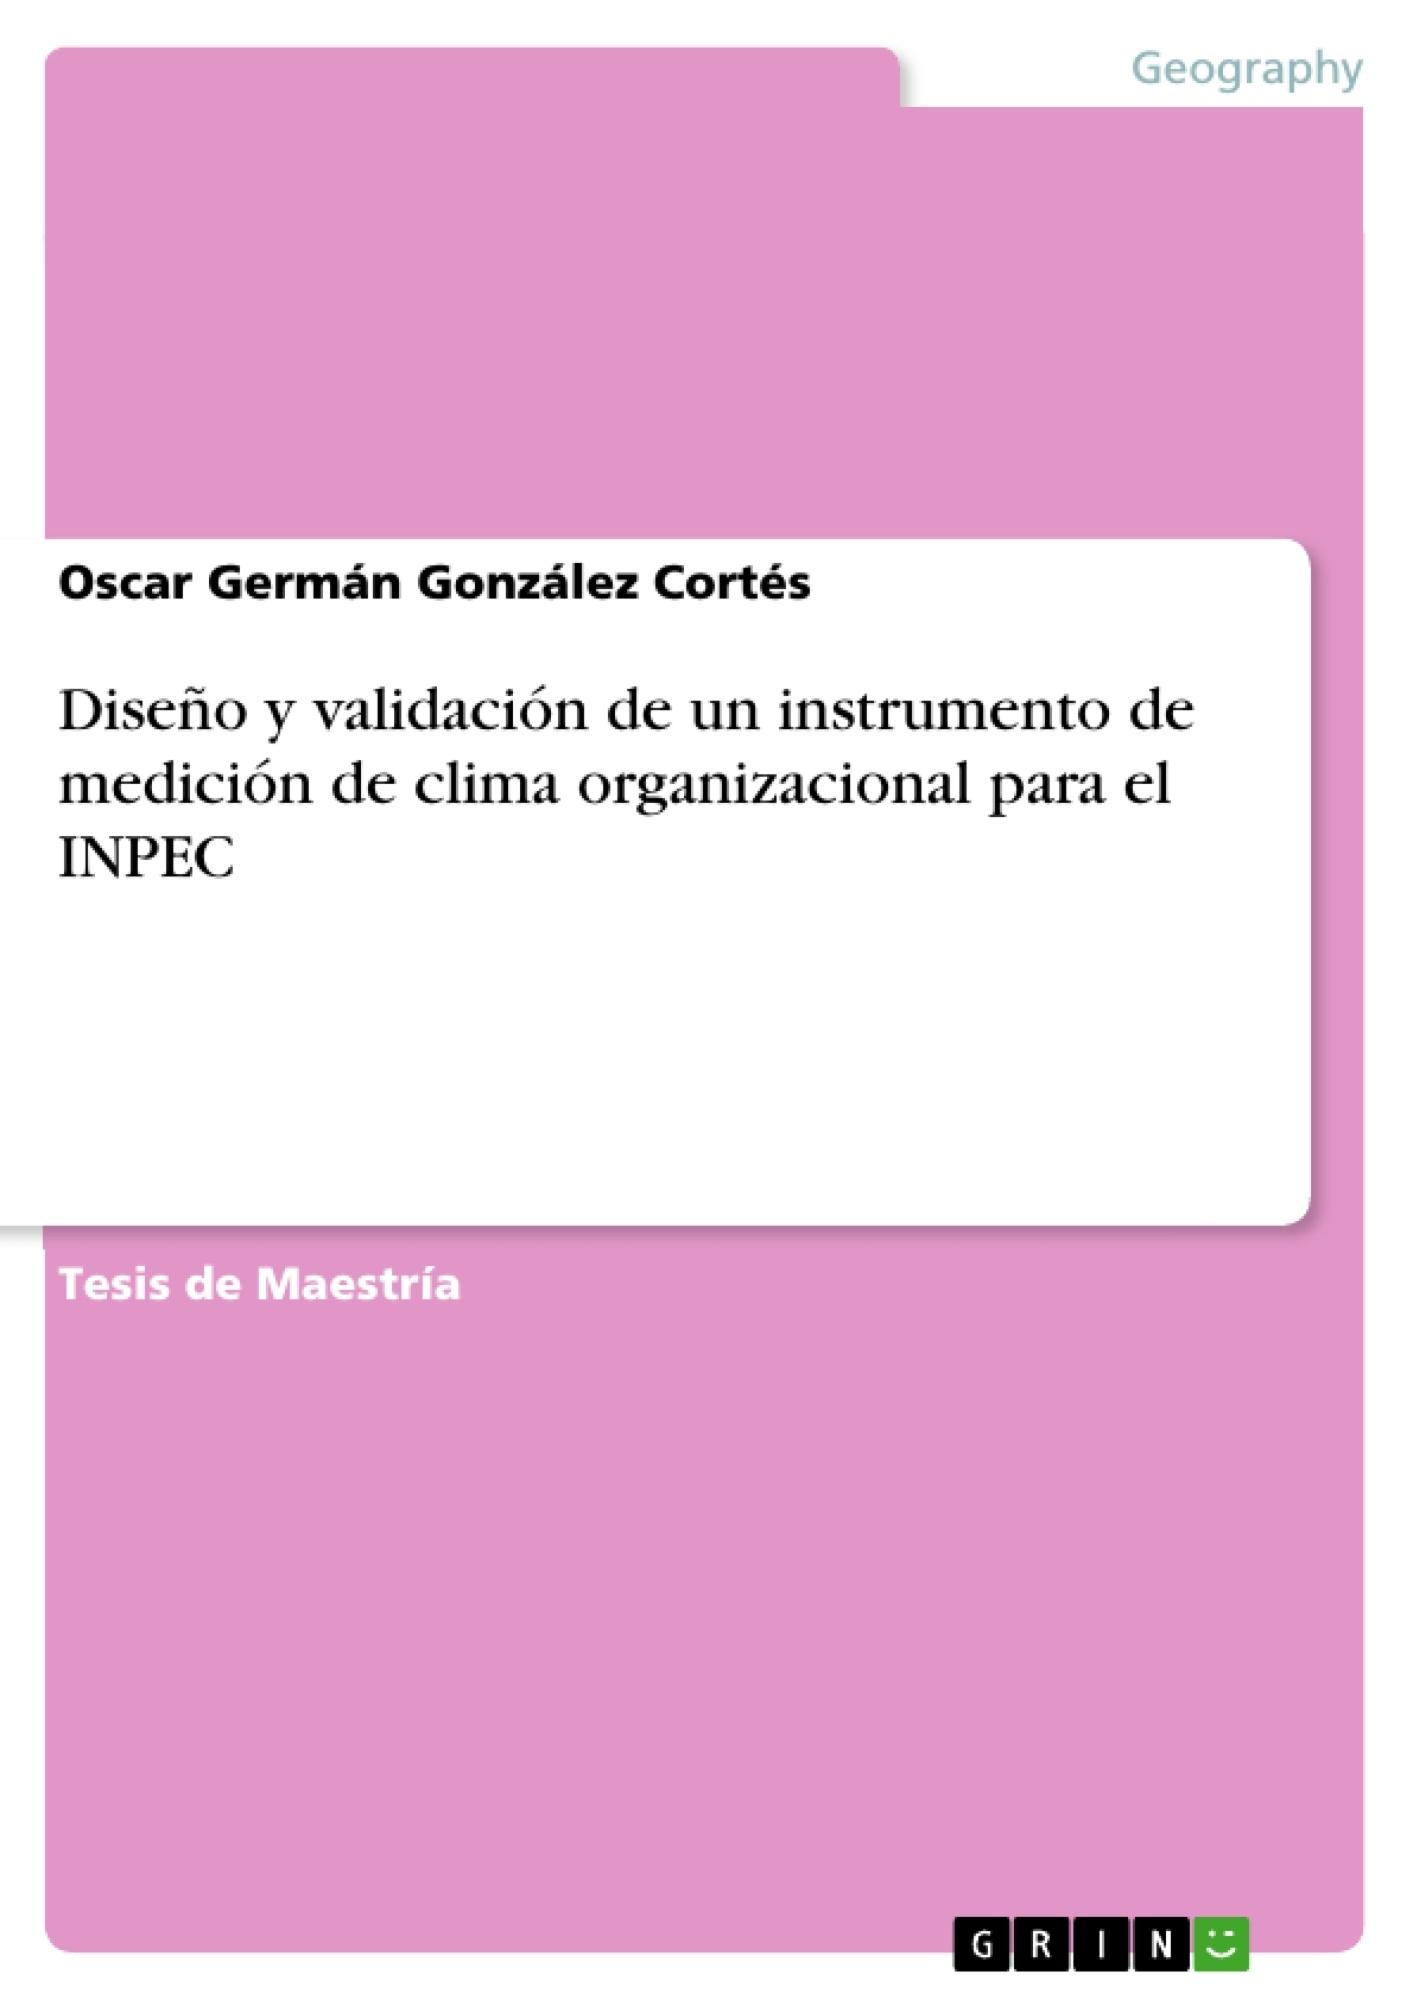 Título: Diseño y validación de un instrumento de medición de clima organizacional para el INPEC